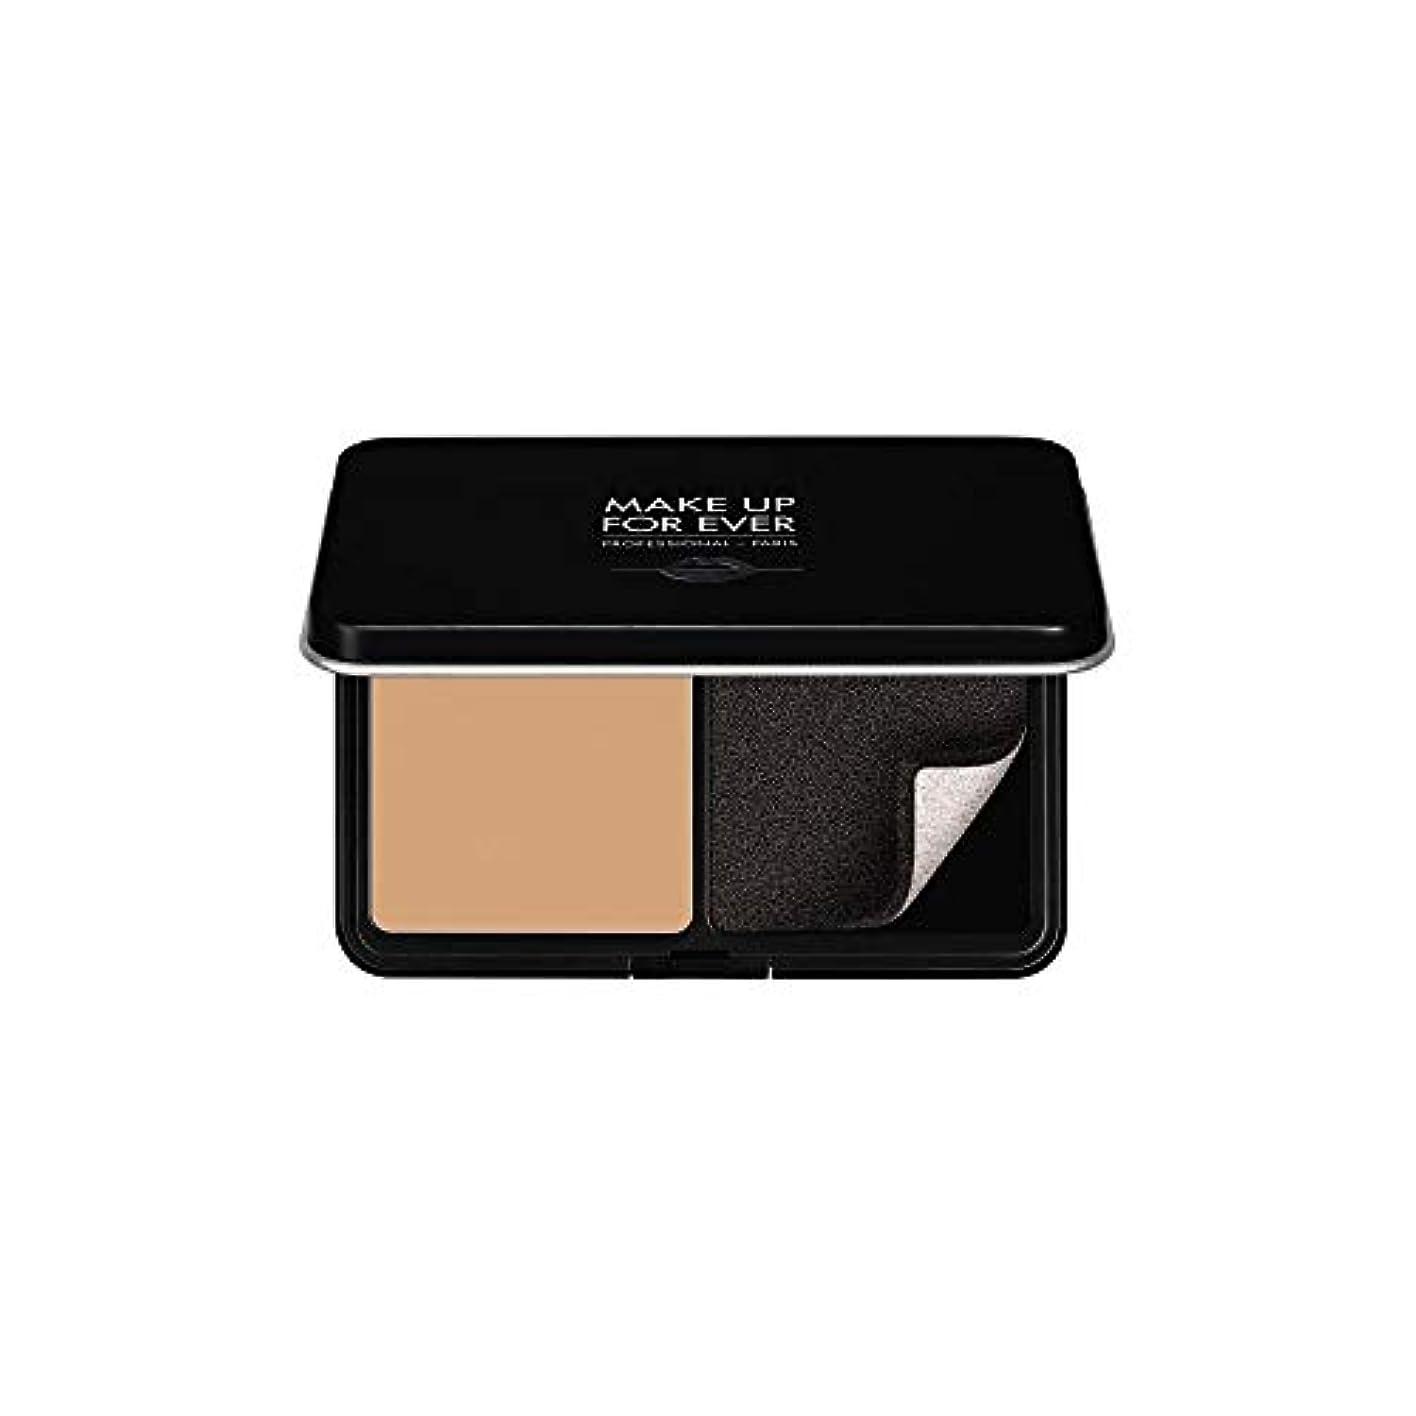 フレア浜辺オーストラリアメイクアップフォーエバー Matte Velvet Skin Blurring Powder Foundation - # R330 (Warm Ivory) 11g/0.38oz並行輸入品